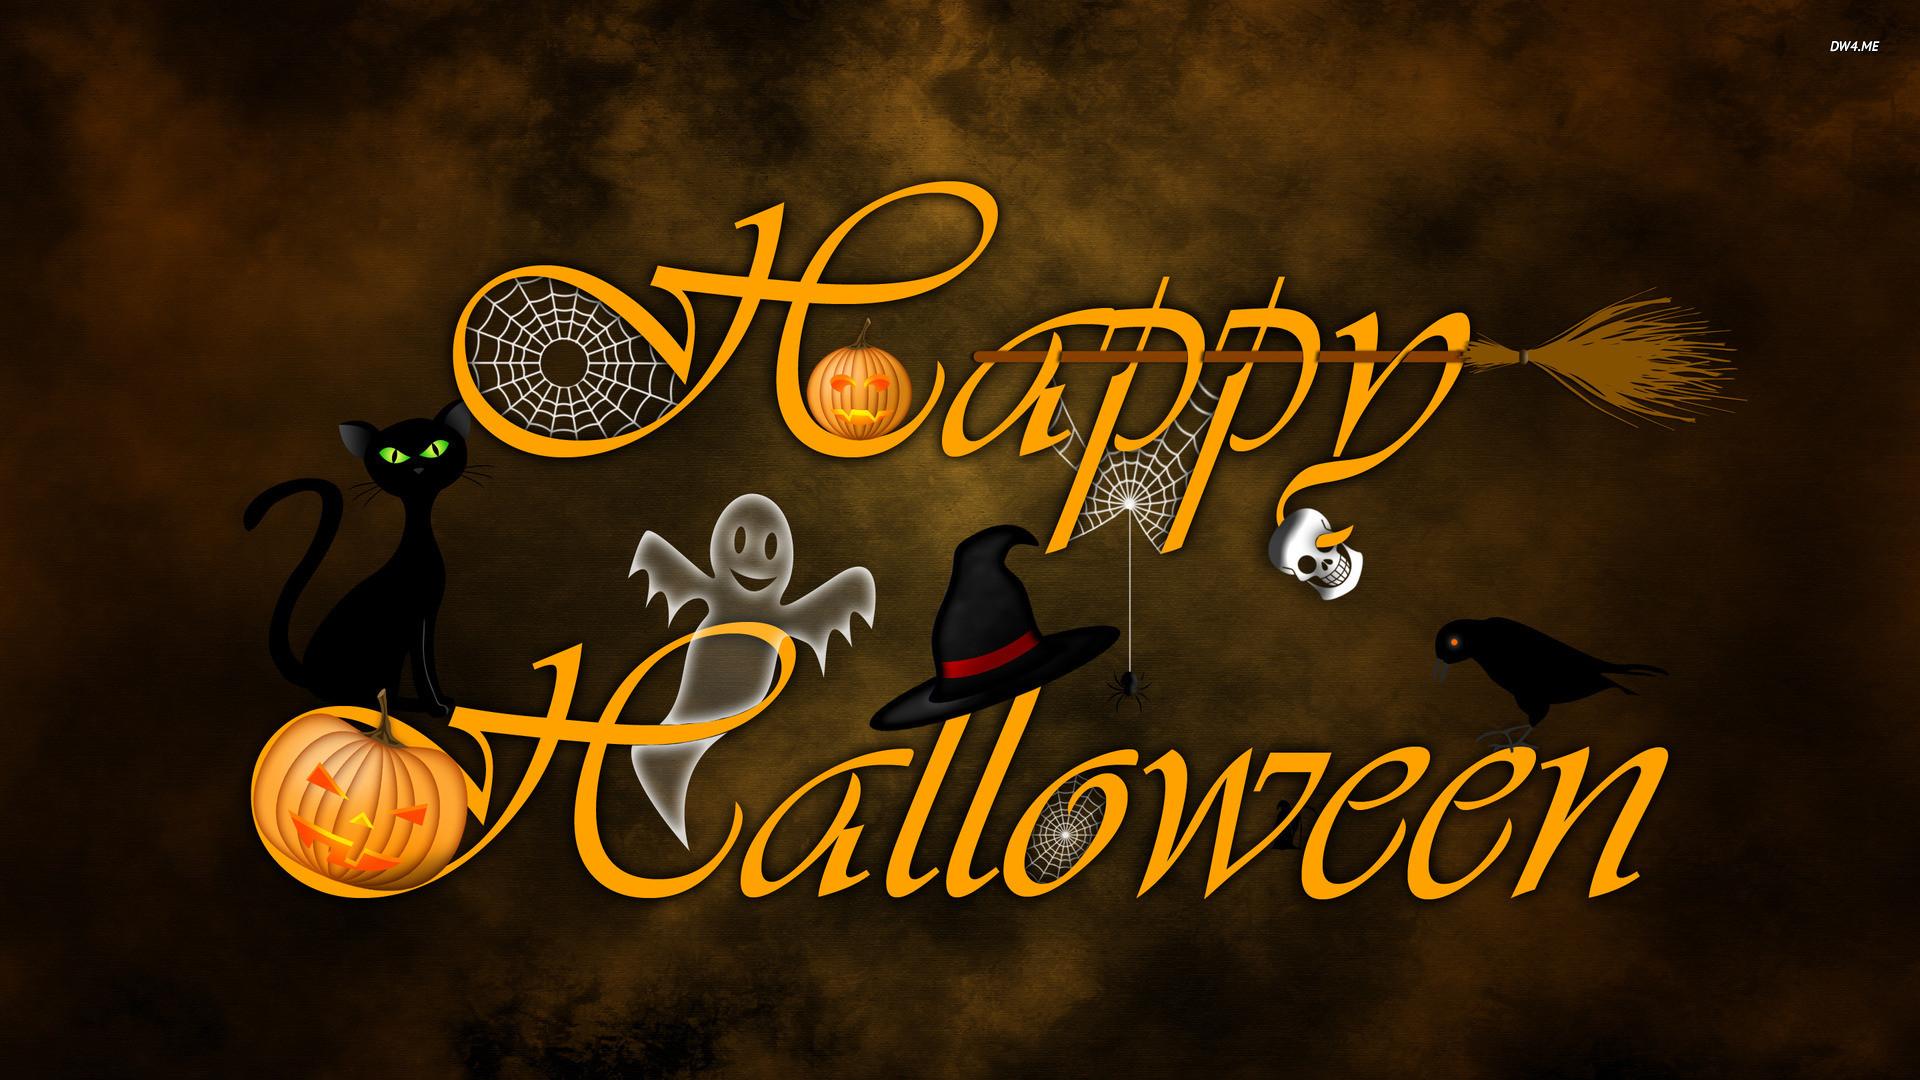 Cute Halloween Desktop Backgrounds 63 images 1920x1080